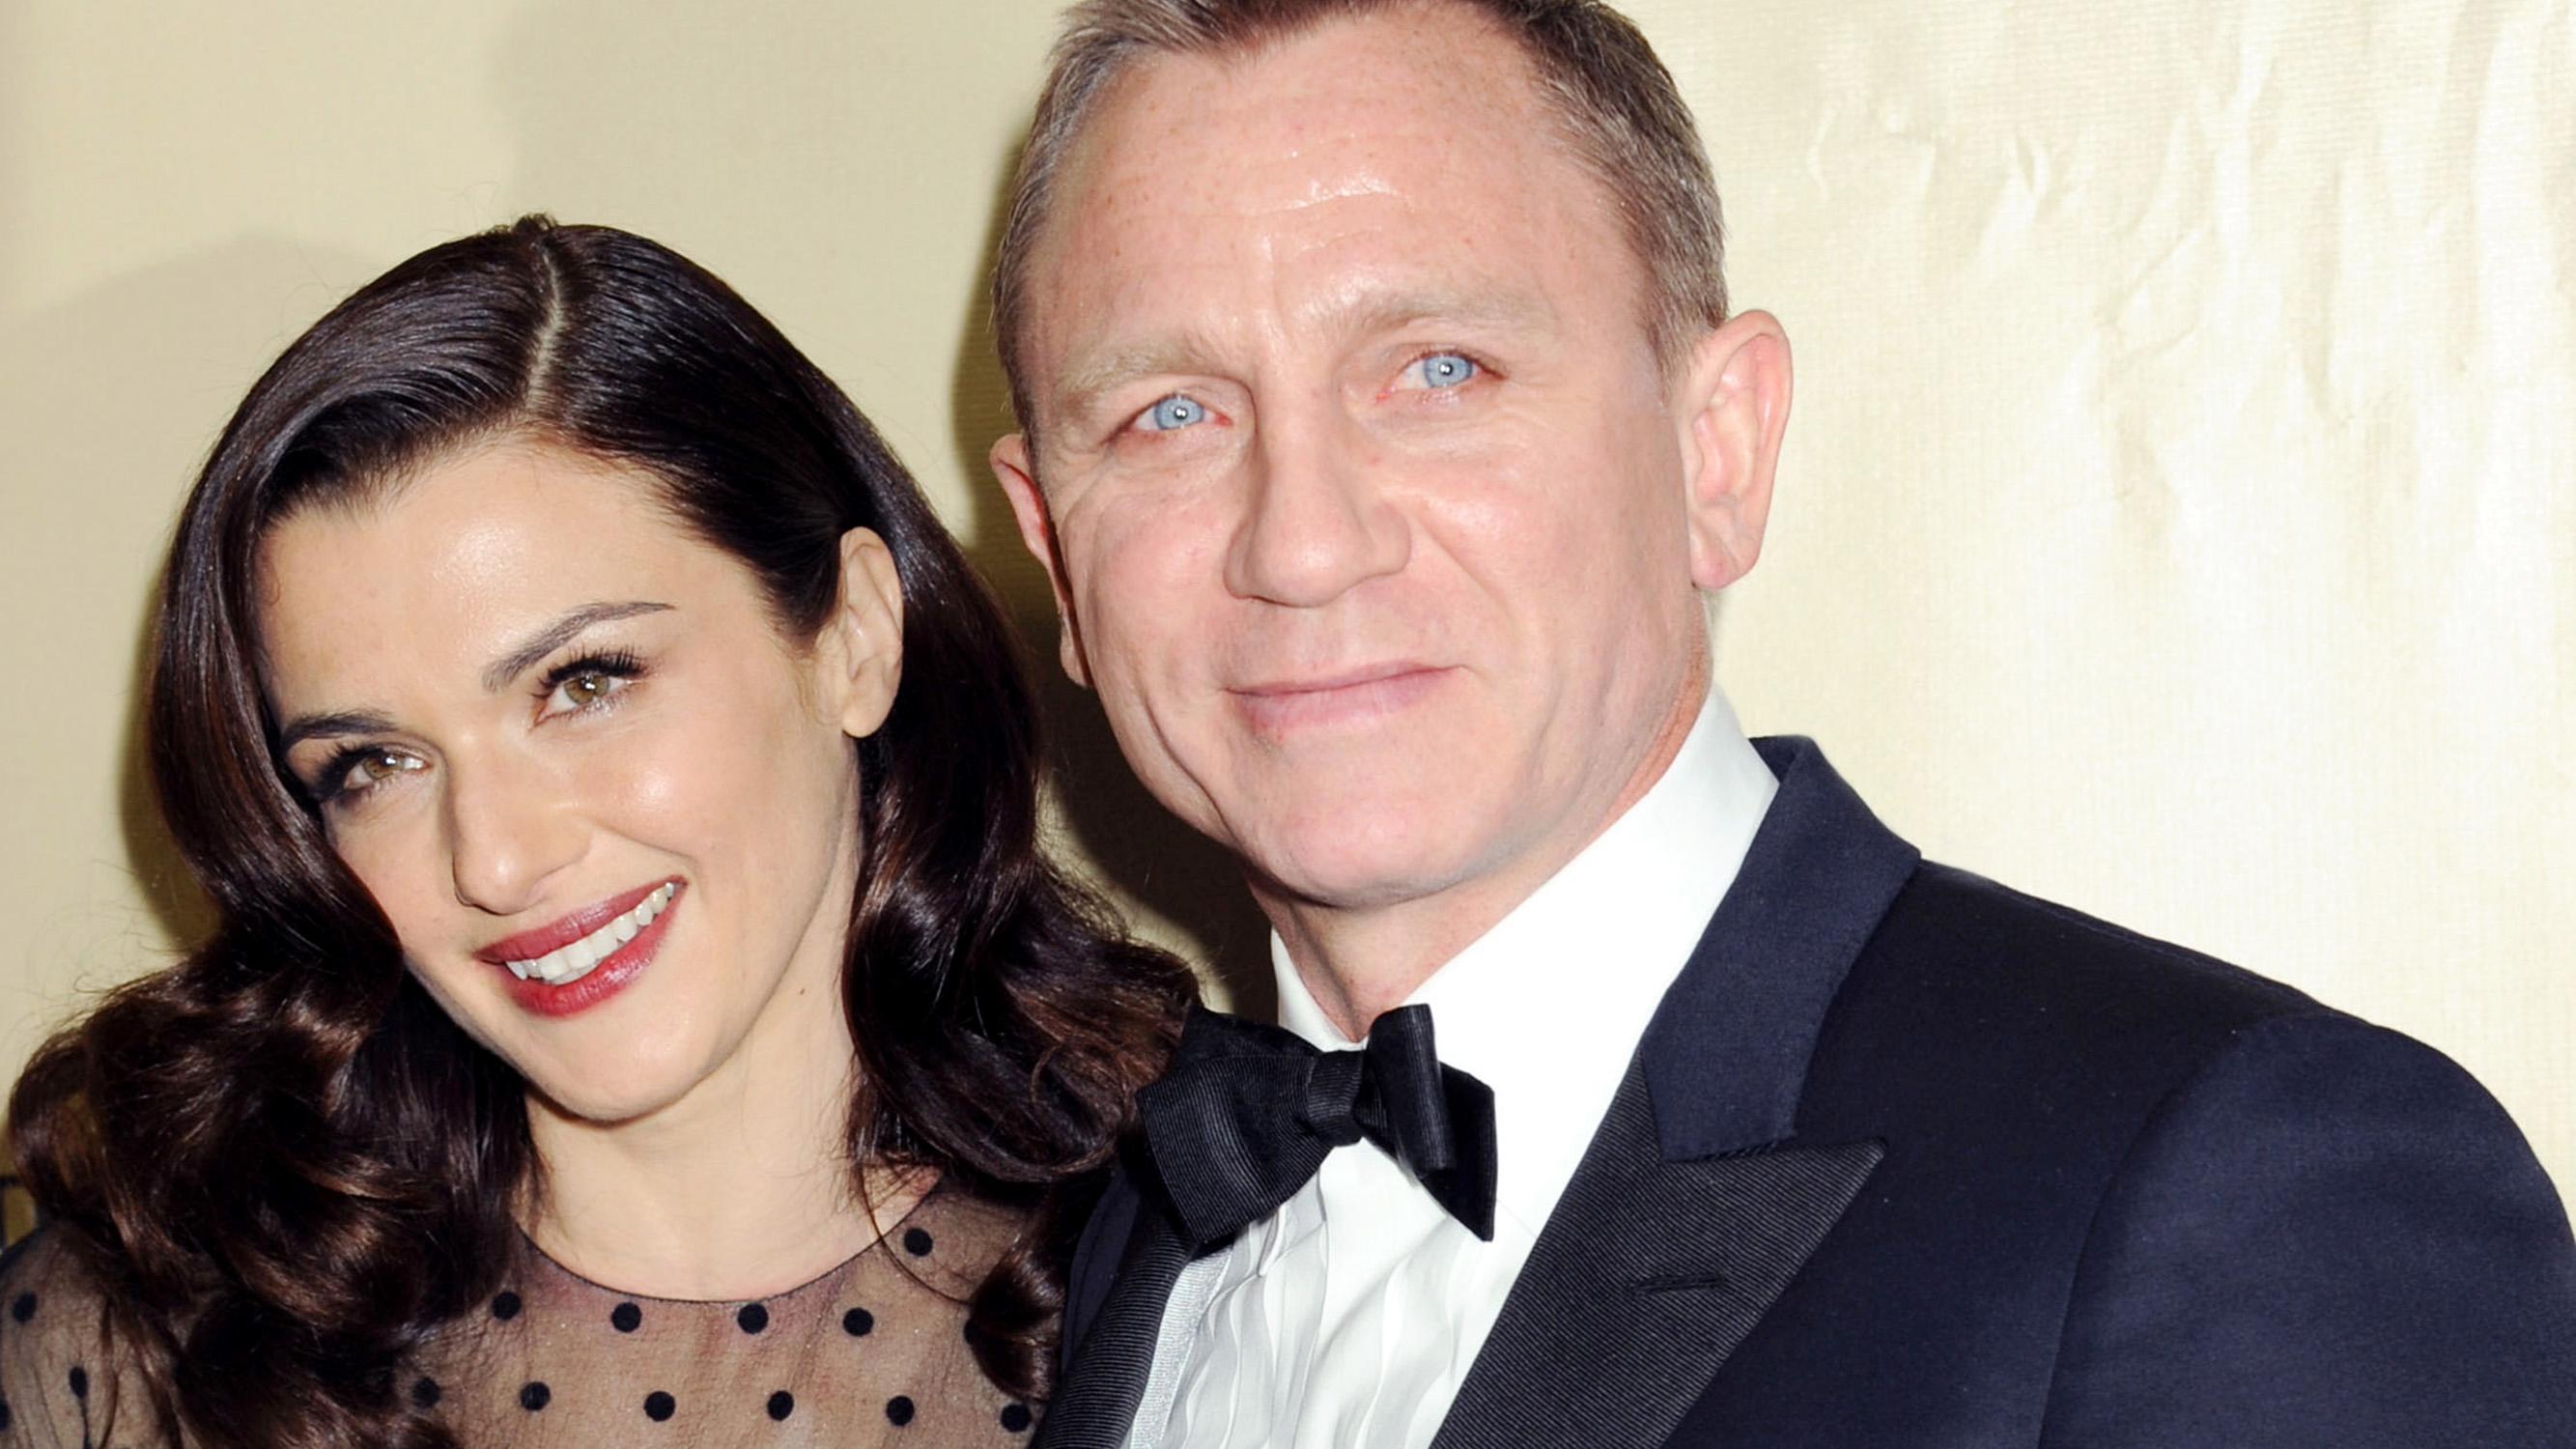 Rich List 2019: profiles 914-945=, featuring Daniel Craig